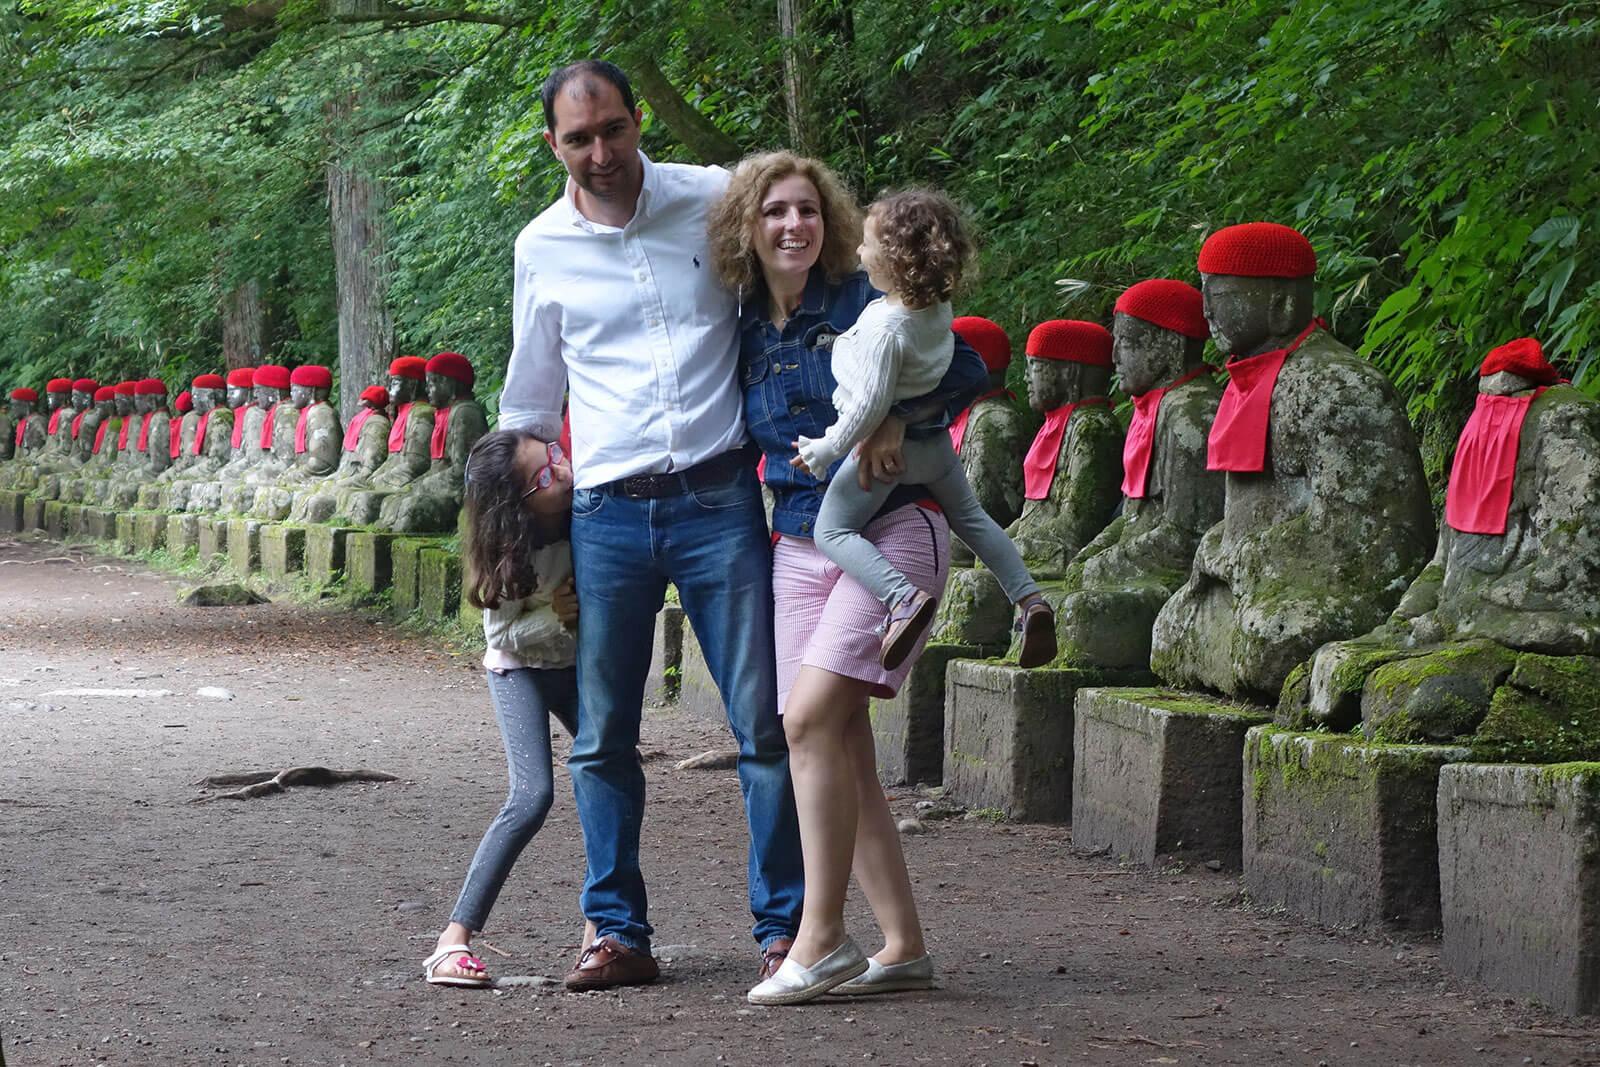 Família da Rita Aleluia num jardim repleto de Jizō Bosatsu, as estátuas guardiãs das crianças no Japão.